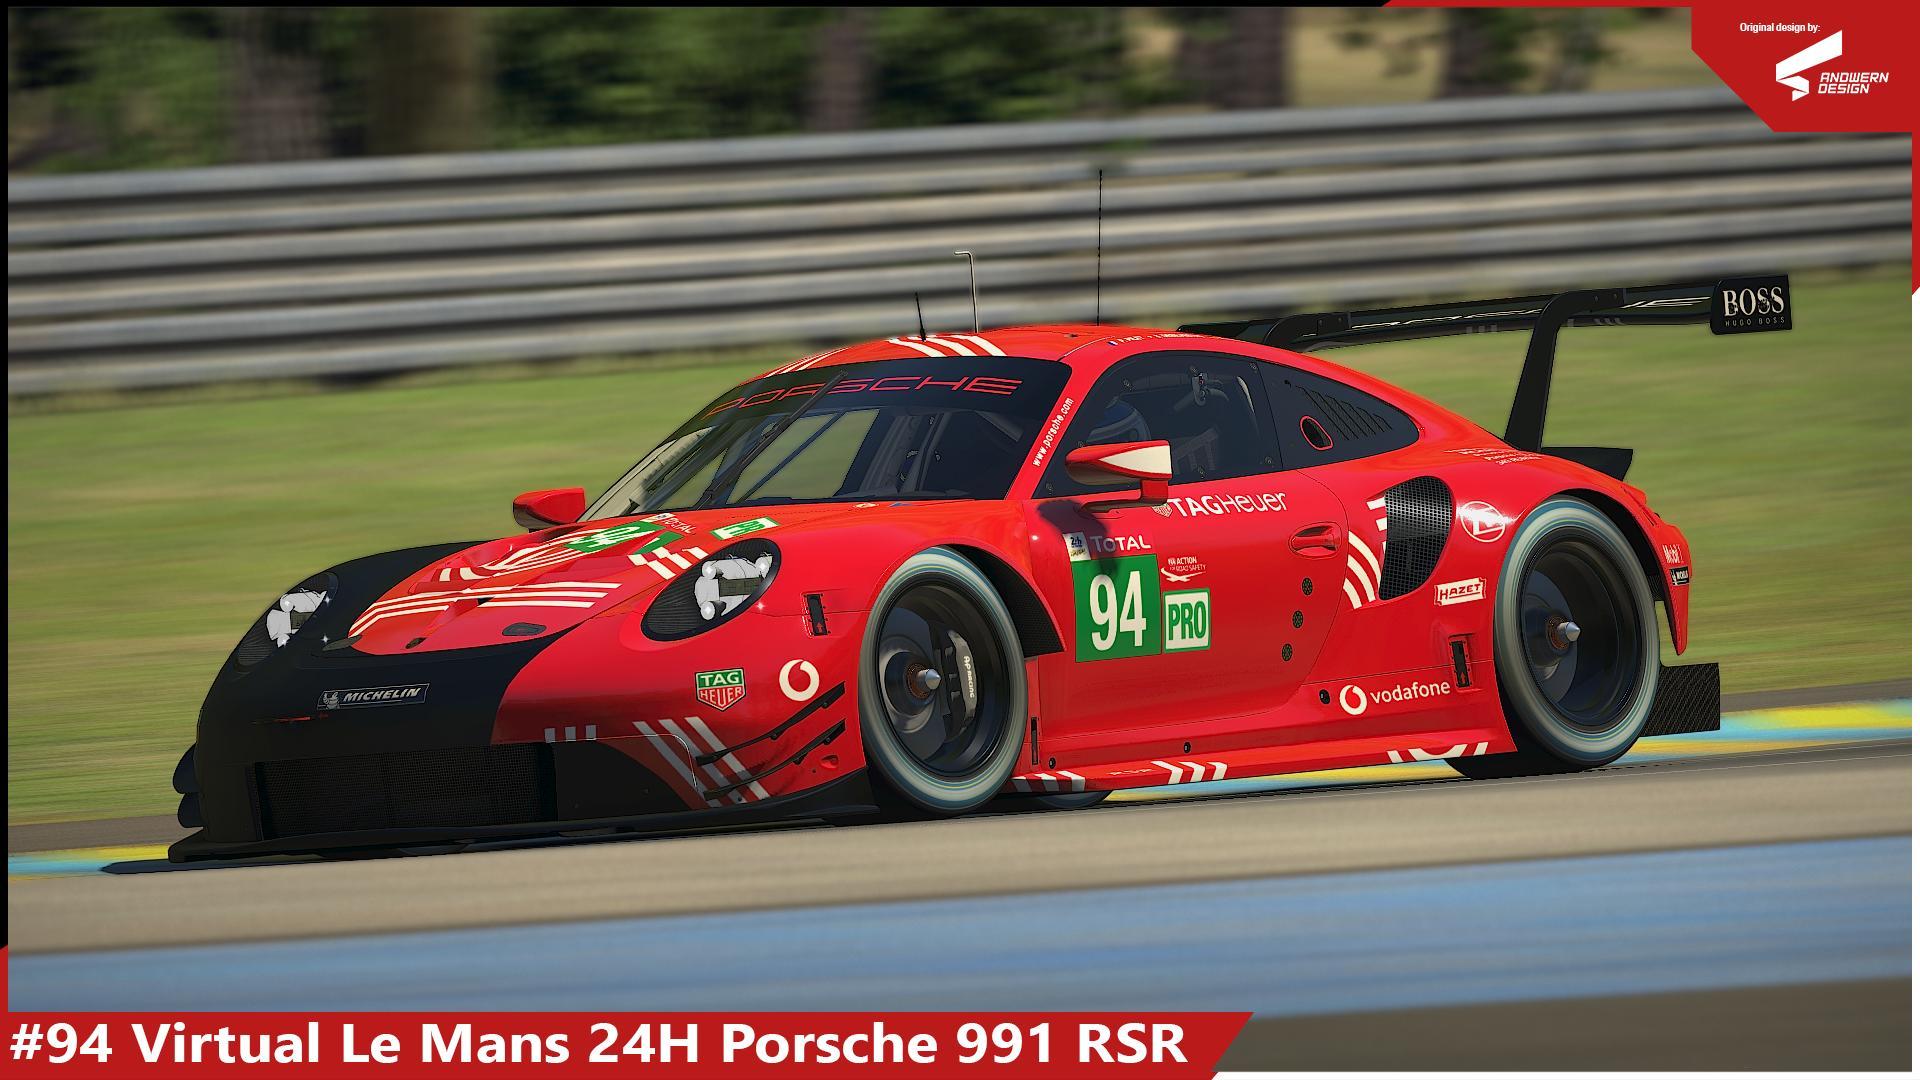 Preview of #94 Virtual LeMans 24H Porsche RSR by Sergio Hernando